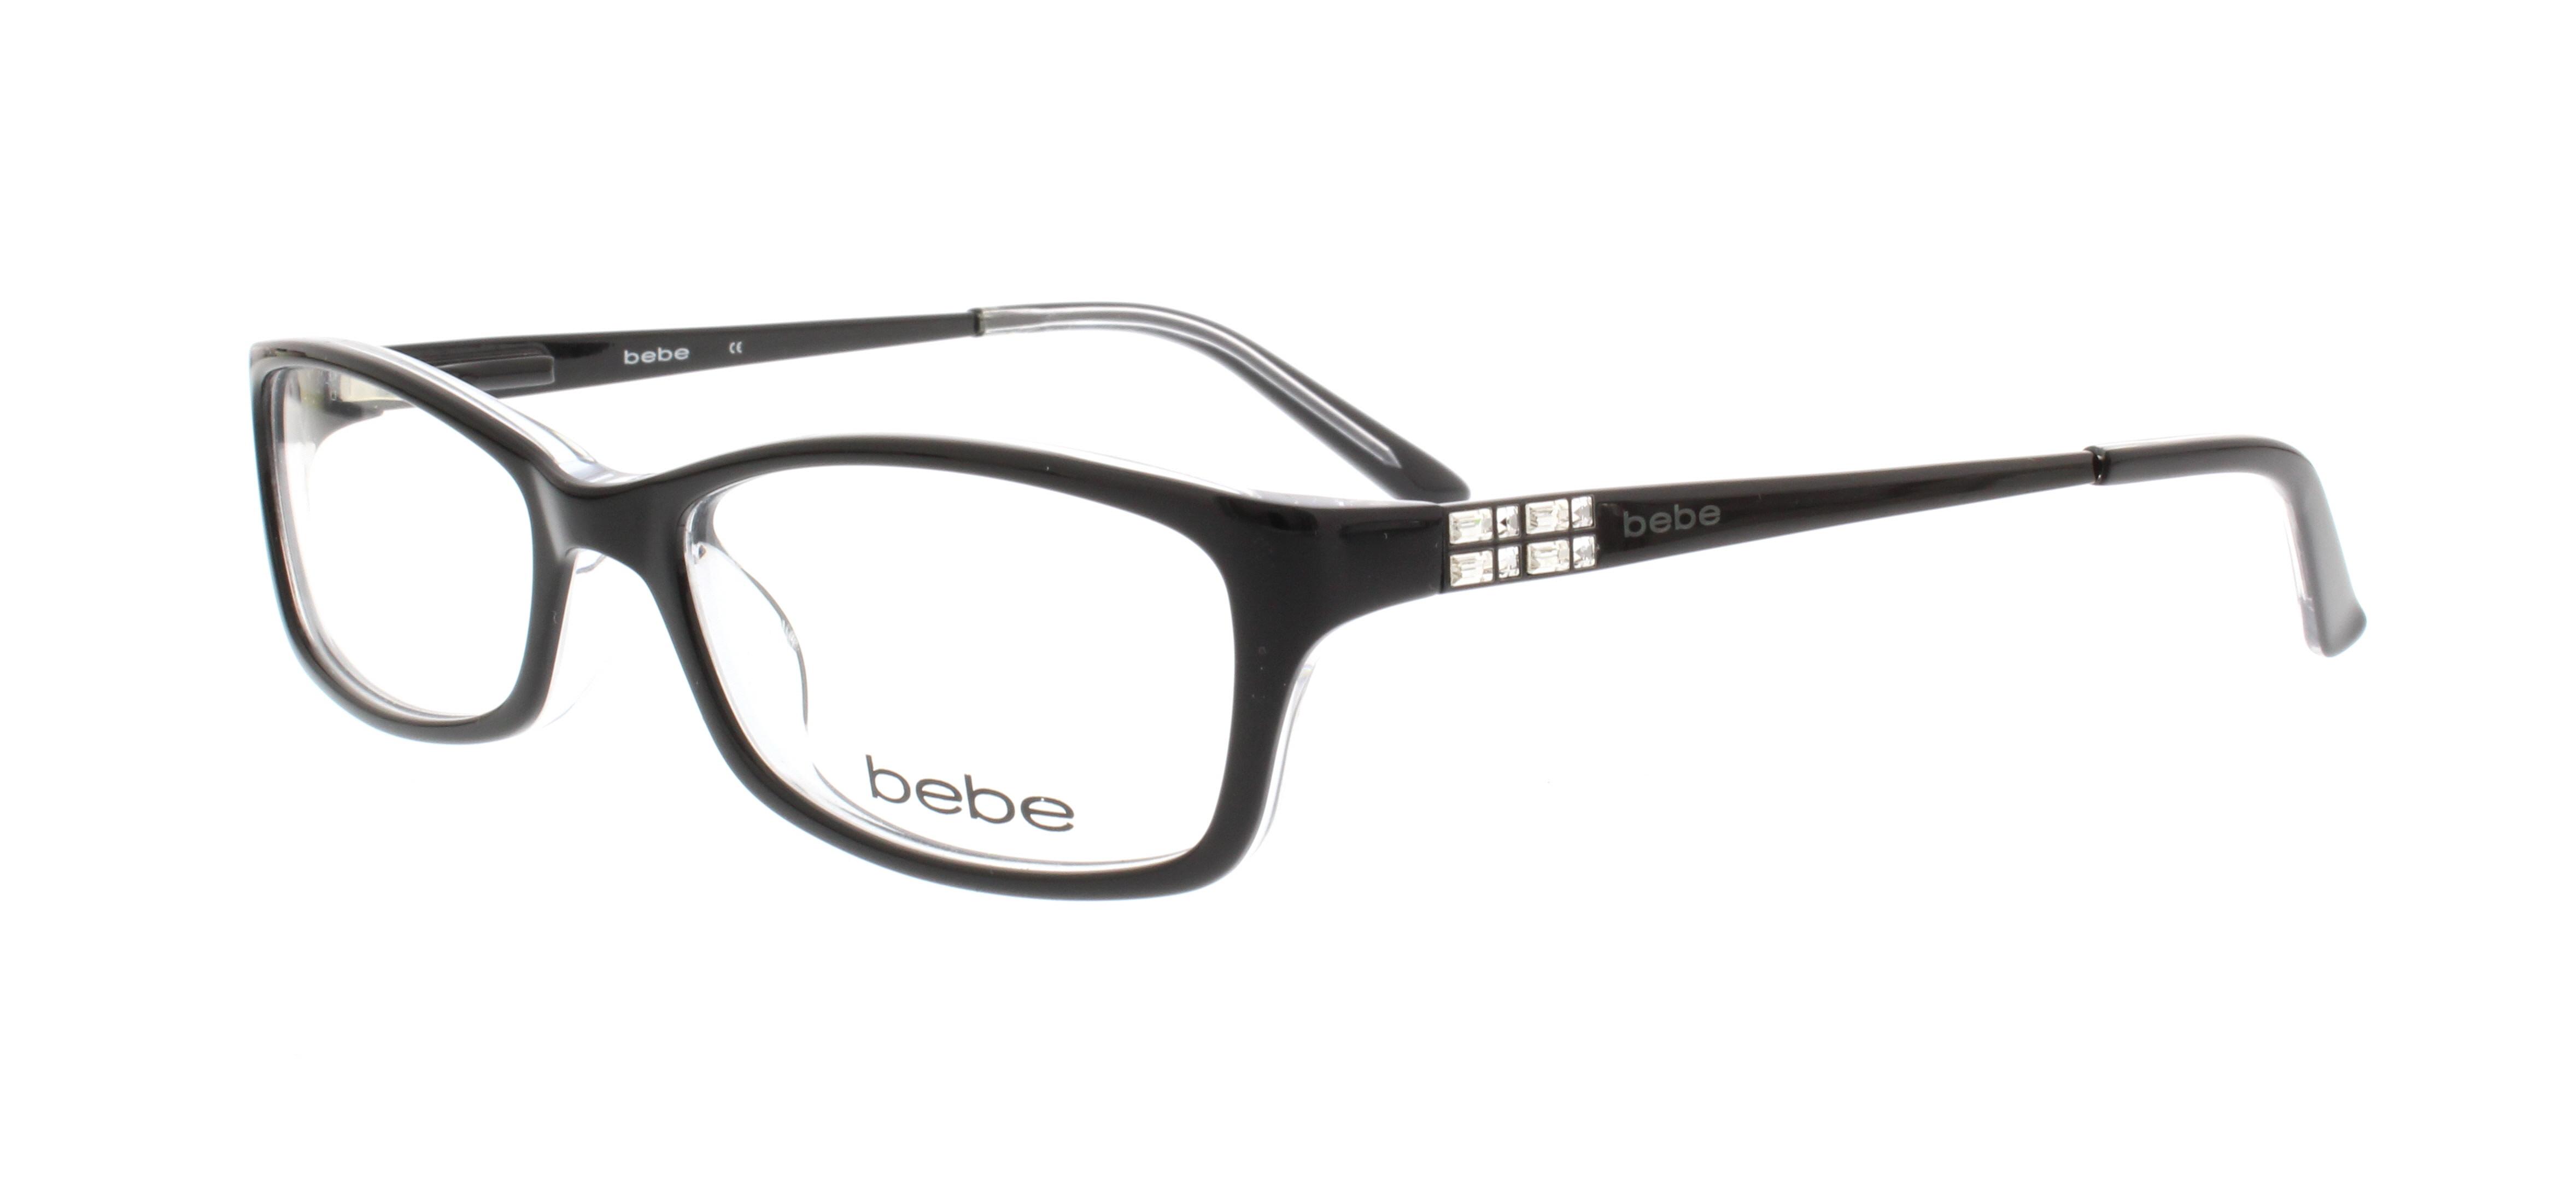 Bebe - Designer Frames Outlet